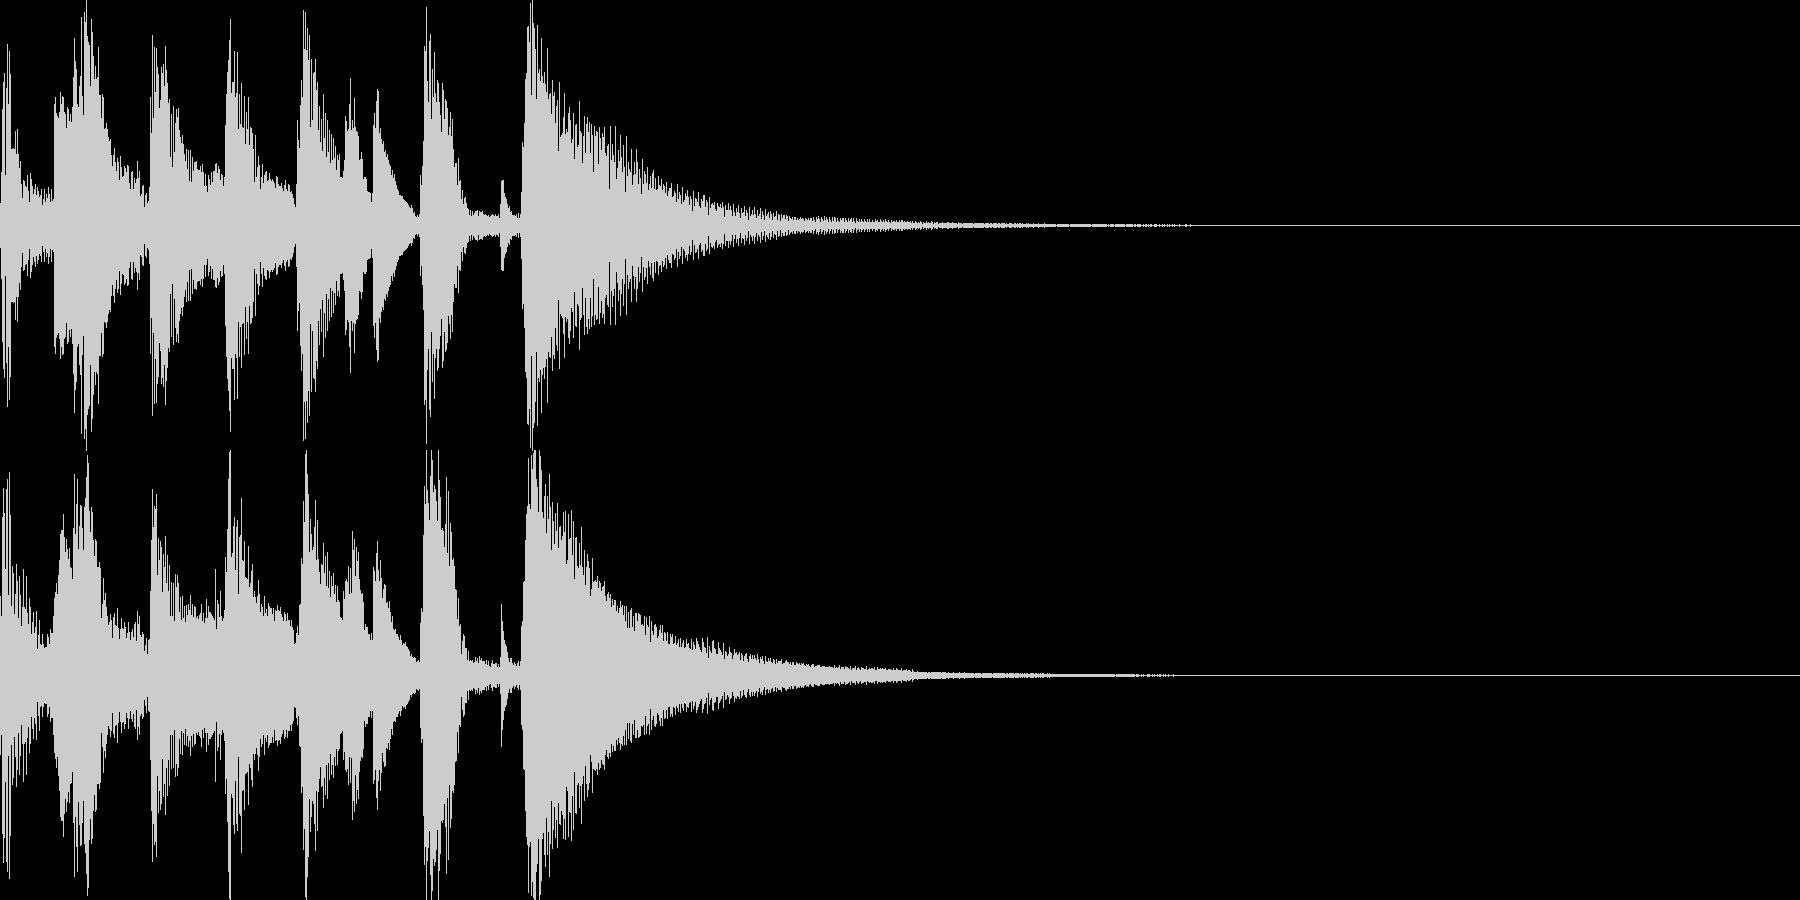 お洒落なジャズのジングル3の未再生の波形